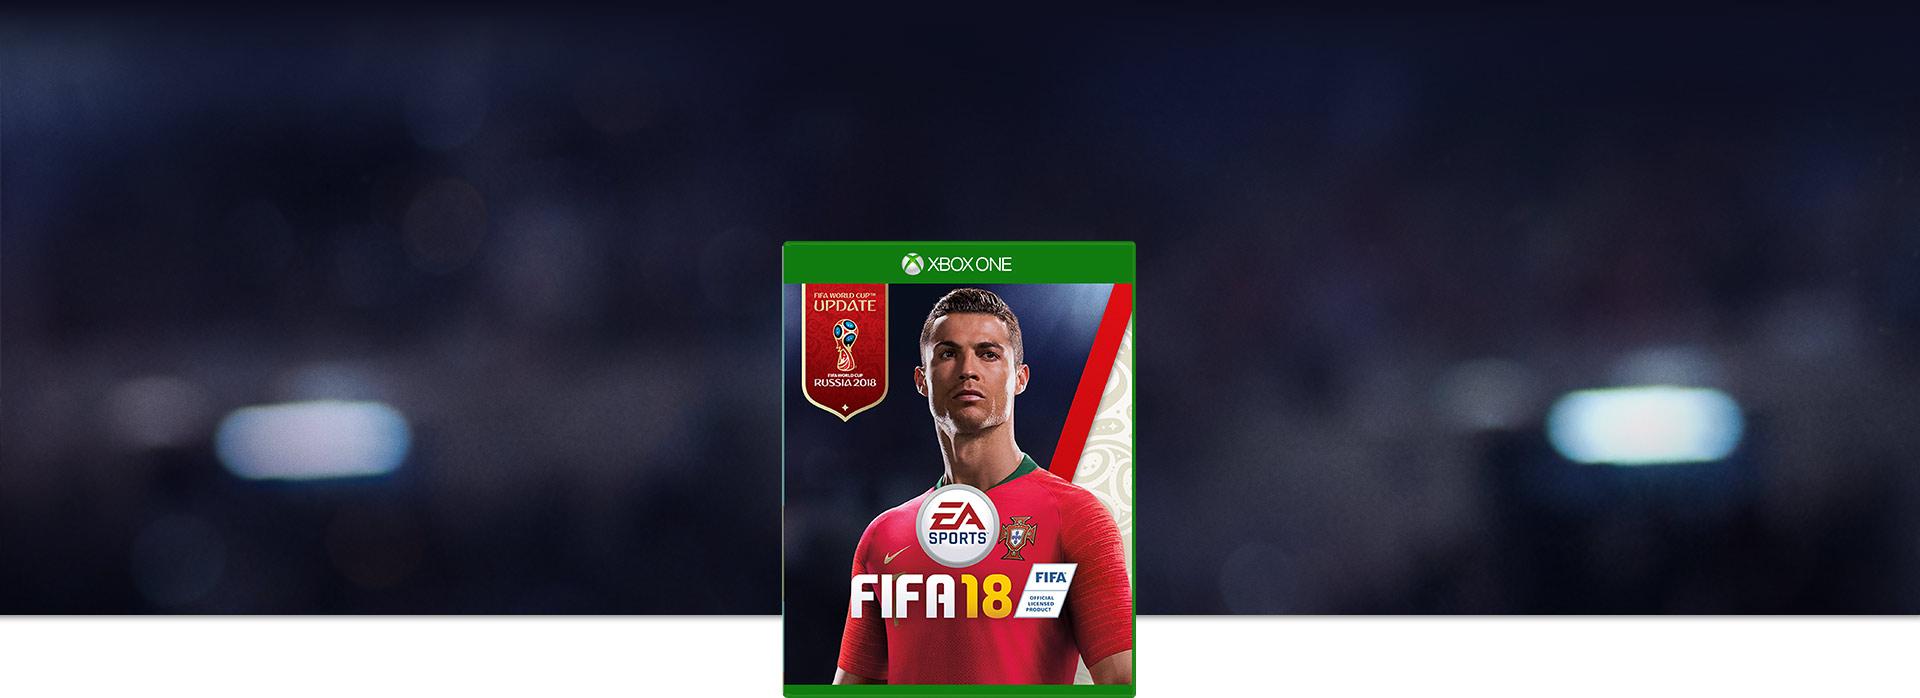 Imagem da caixa do FIFA 18, Ronaldo em um kit de Portugal da Copa do Mundo